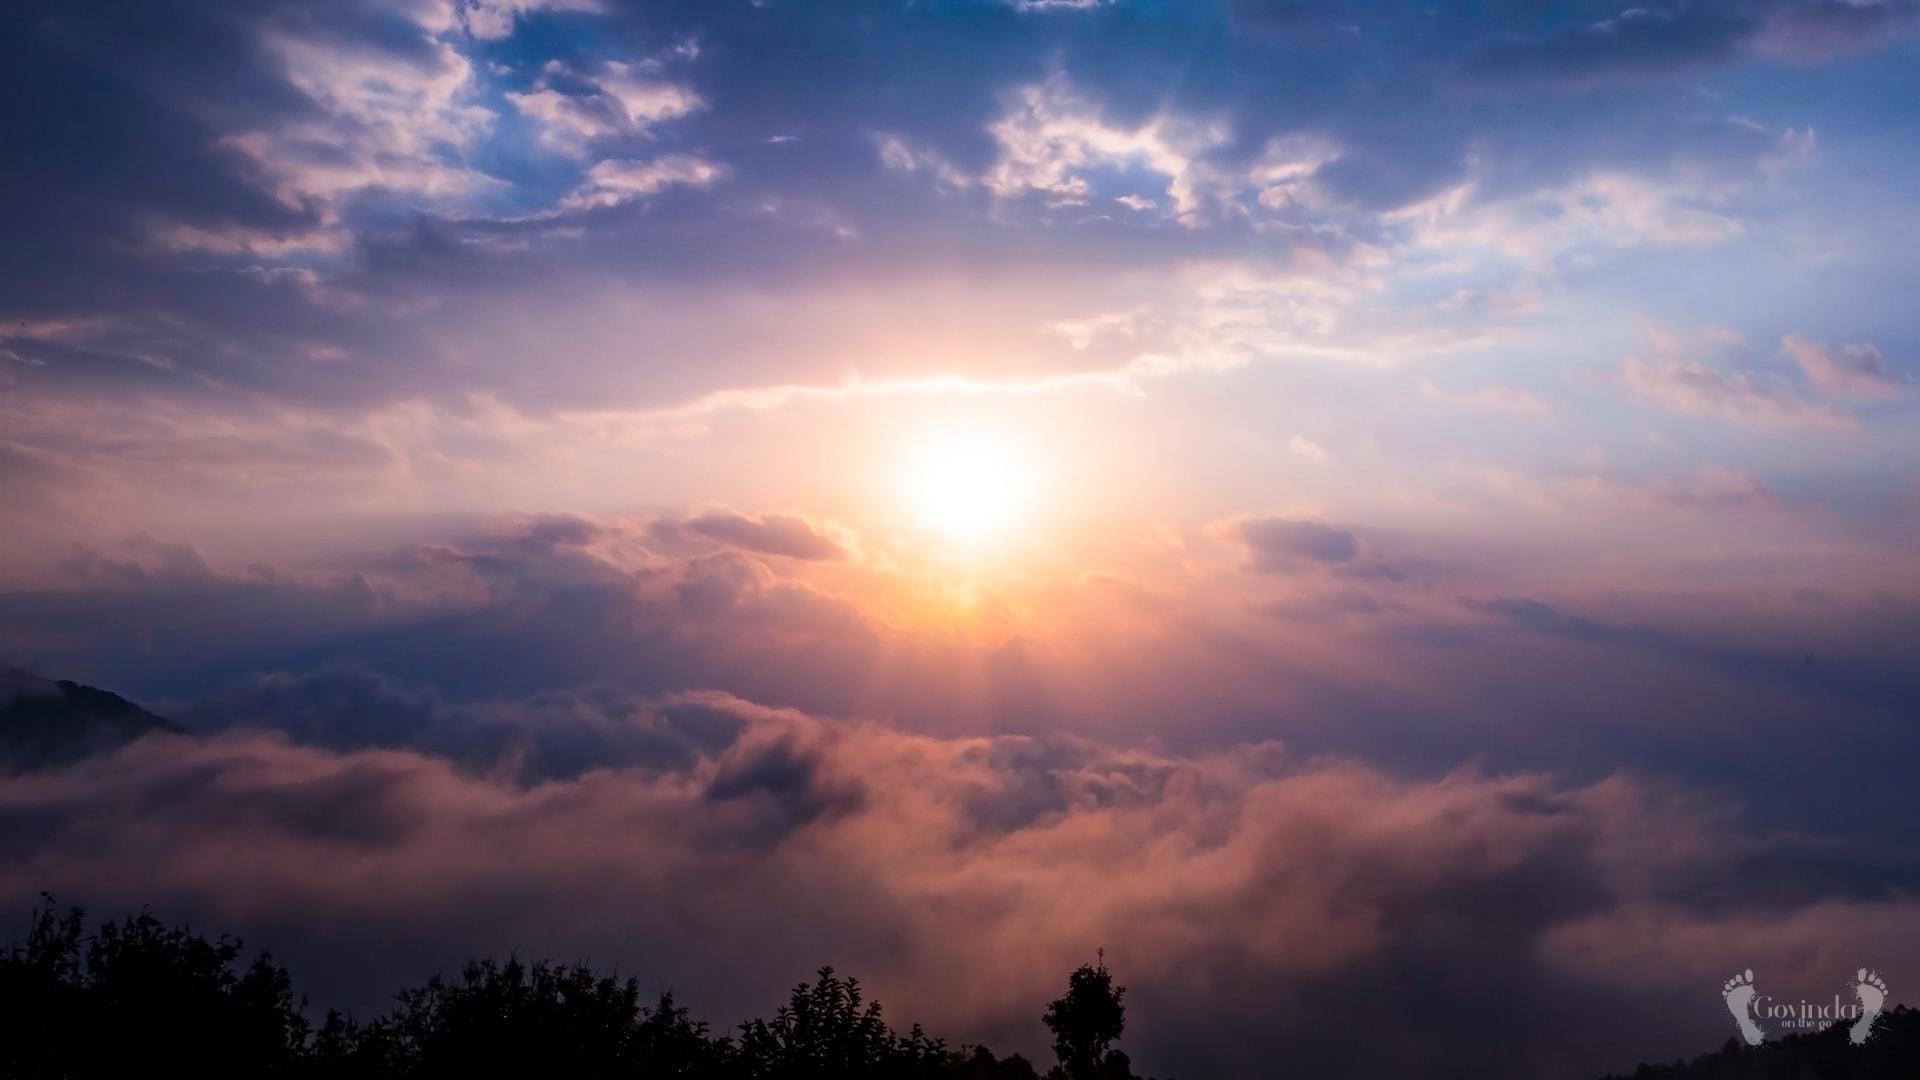 Sun penetrating cloudy sky in Himalayas